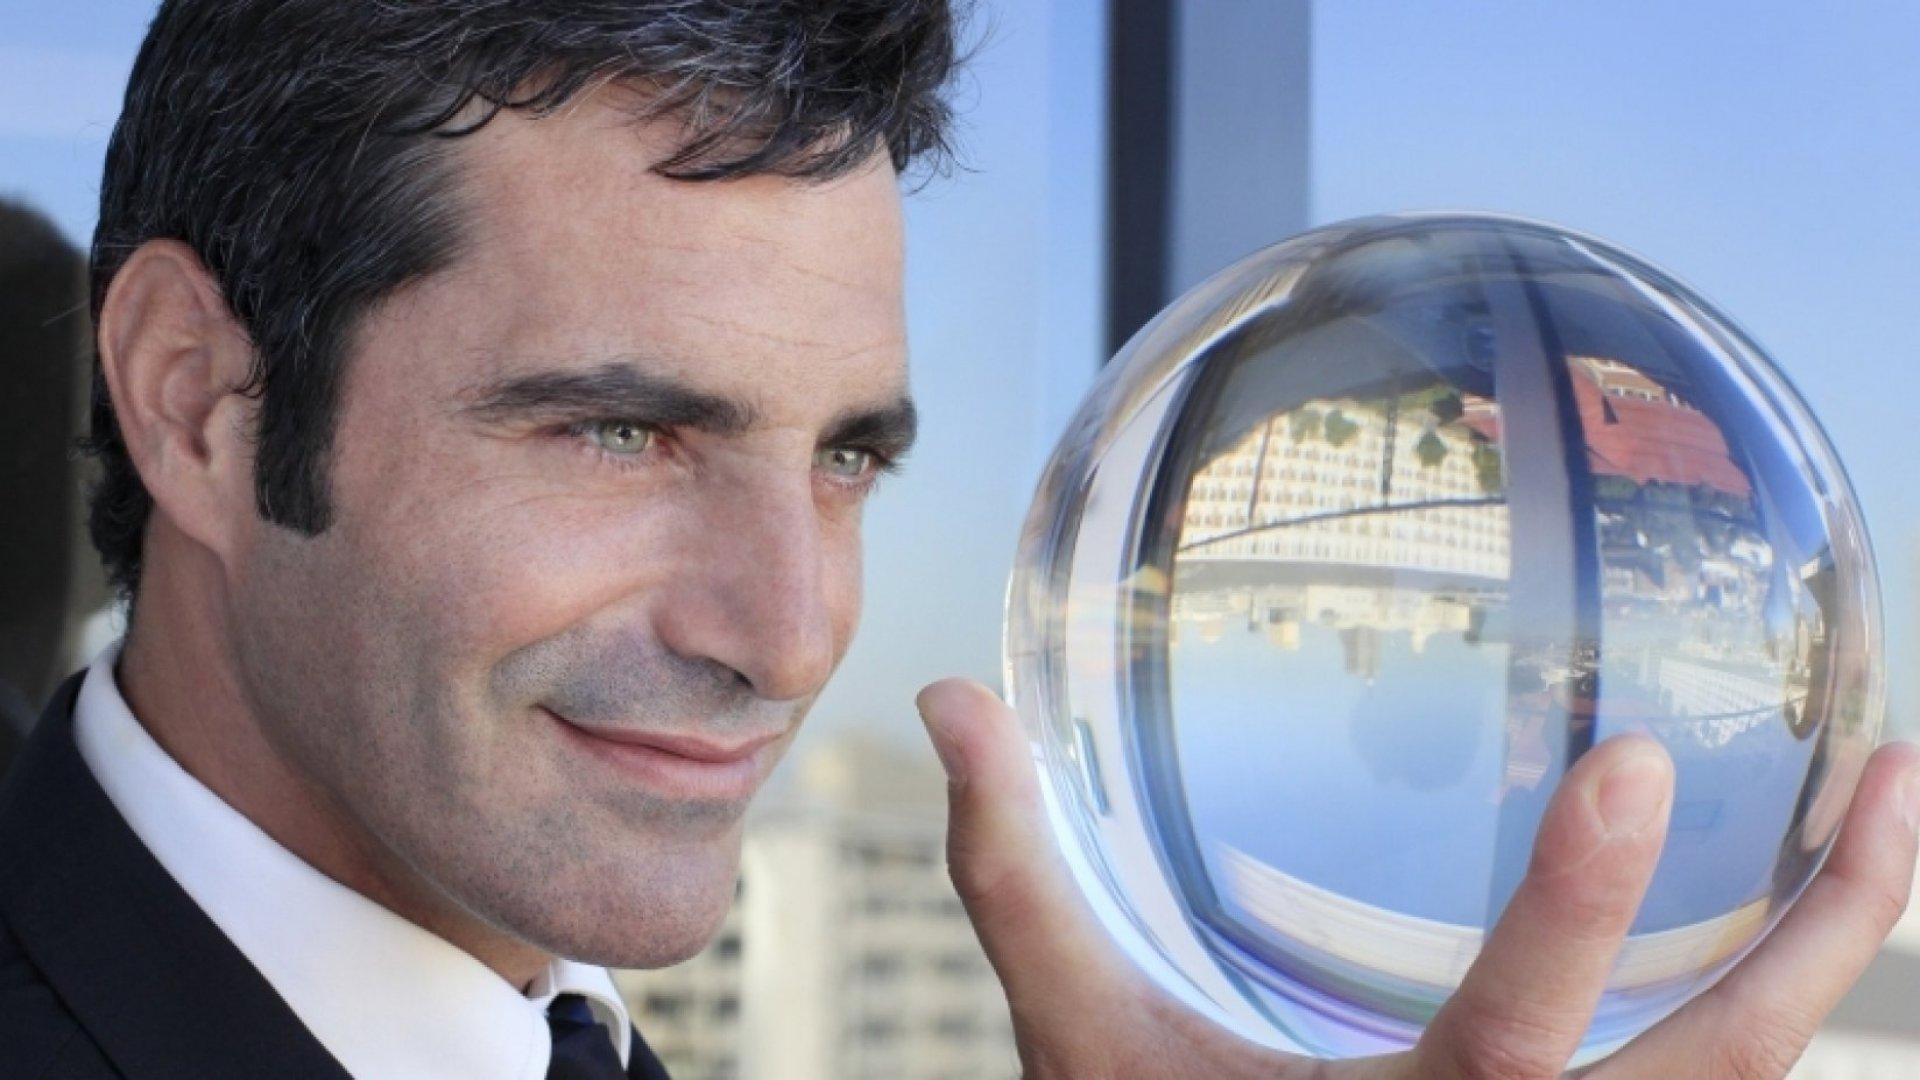 The Near-Term Future of Leadership